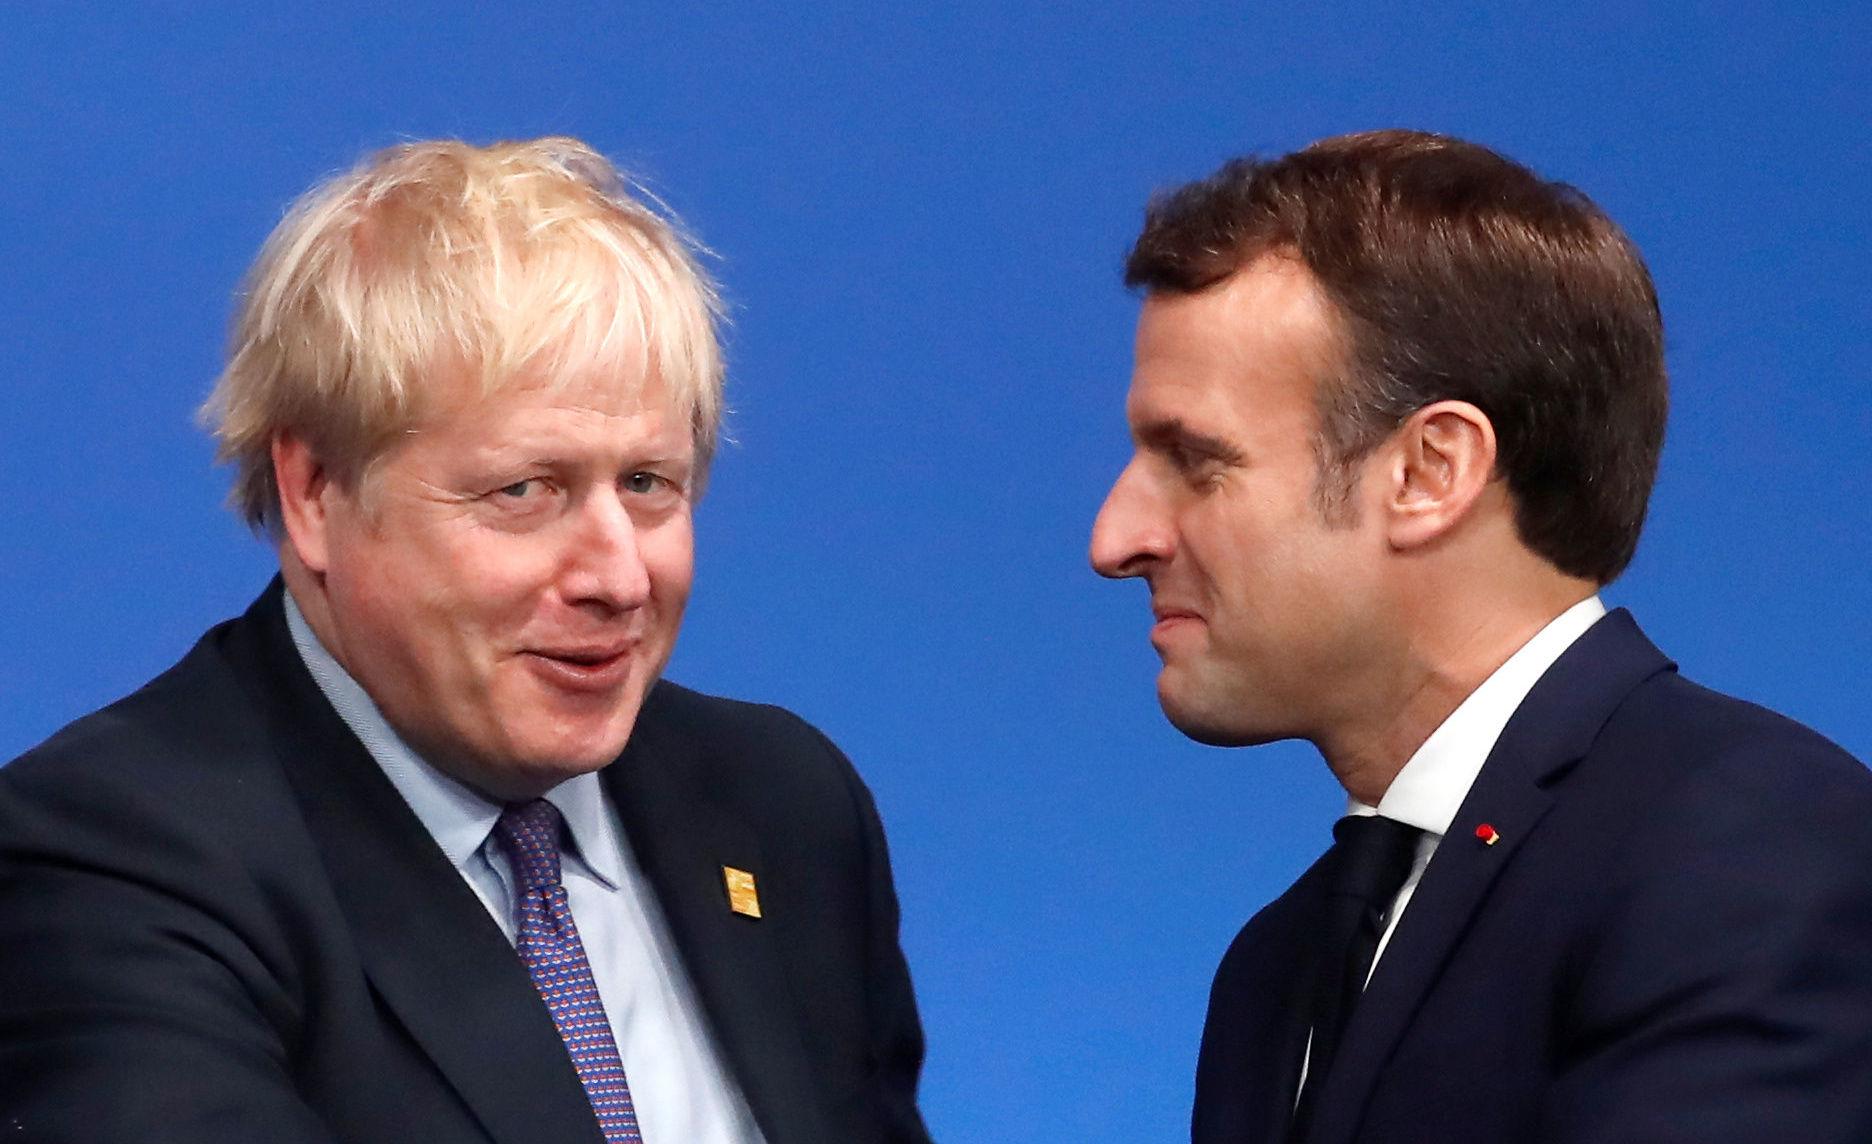 El primer ministro de Reino Unido, Boris Johnson, junto al presidente de Francia Enmanuel Macron en la Cumbre de líderes de la OTAN